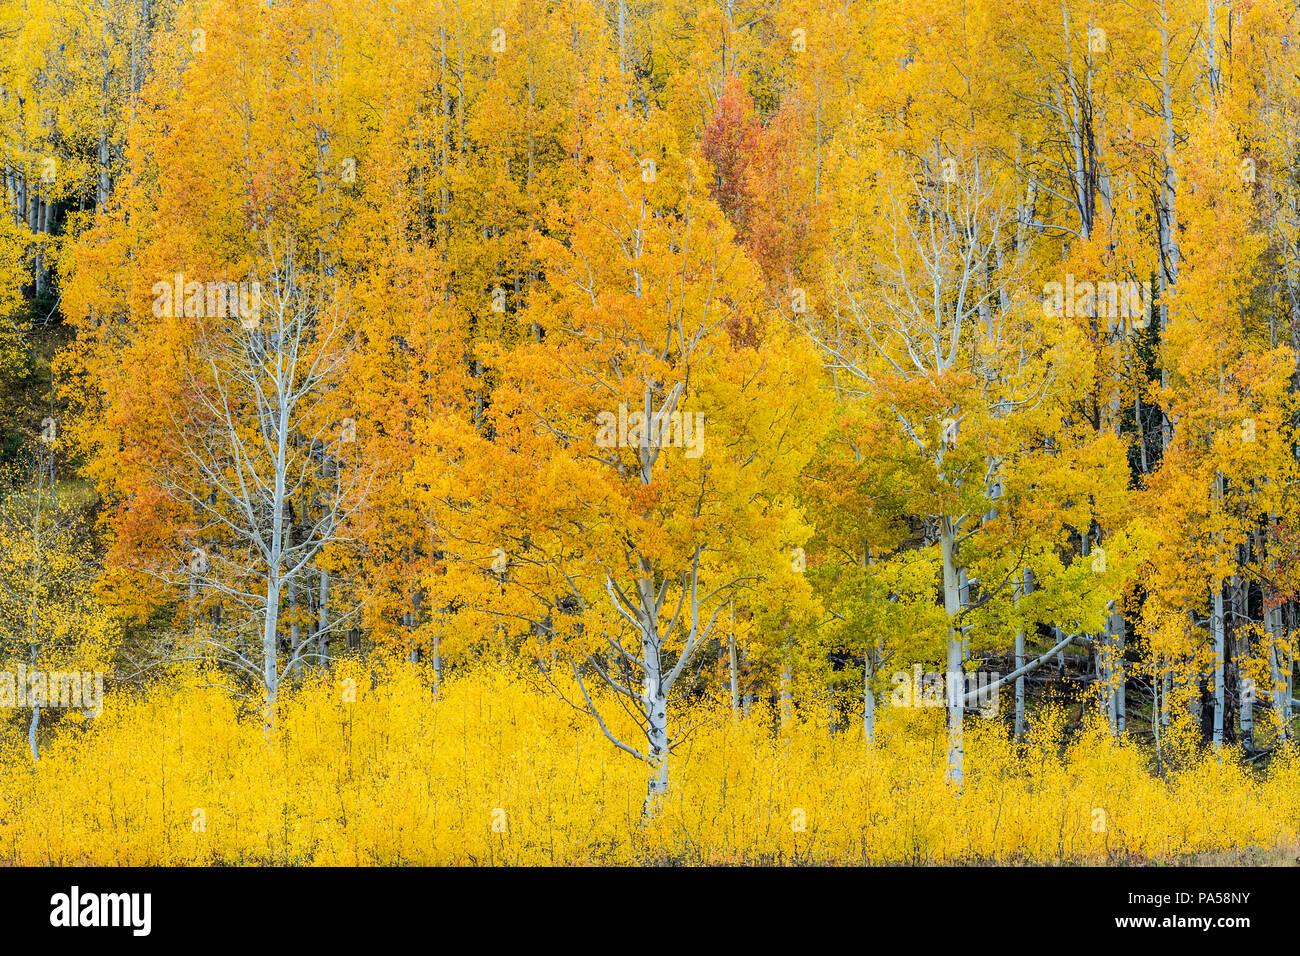 Árboles de Aspen y colores del otoño junto Kebler Pass, en las montañas cerca de West Elk Crested Butte, Colorado. Foto de stock